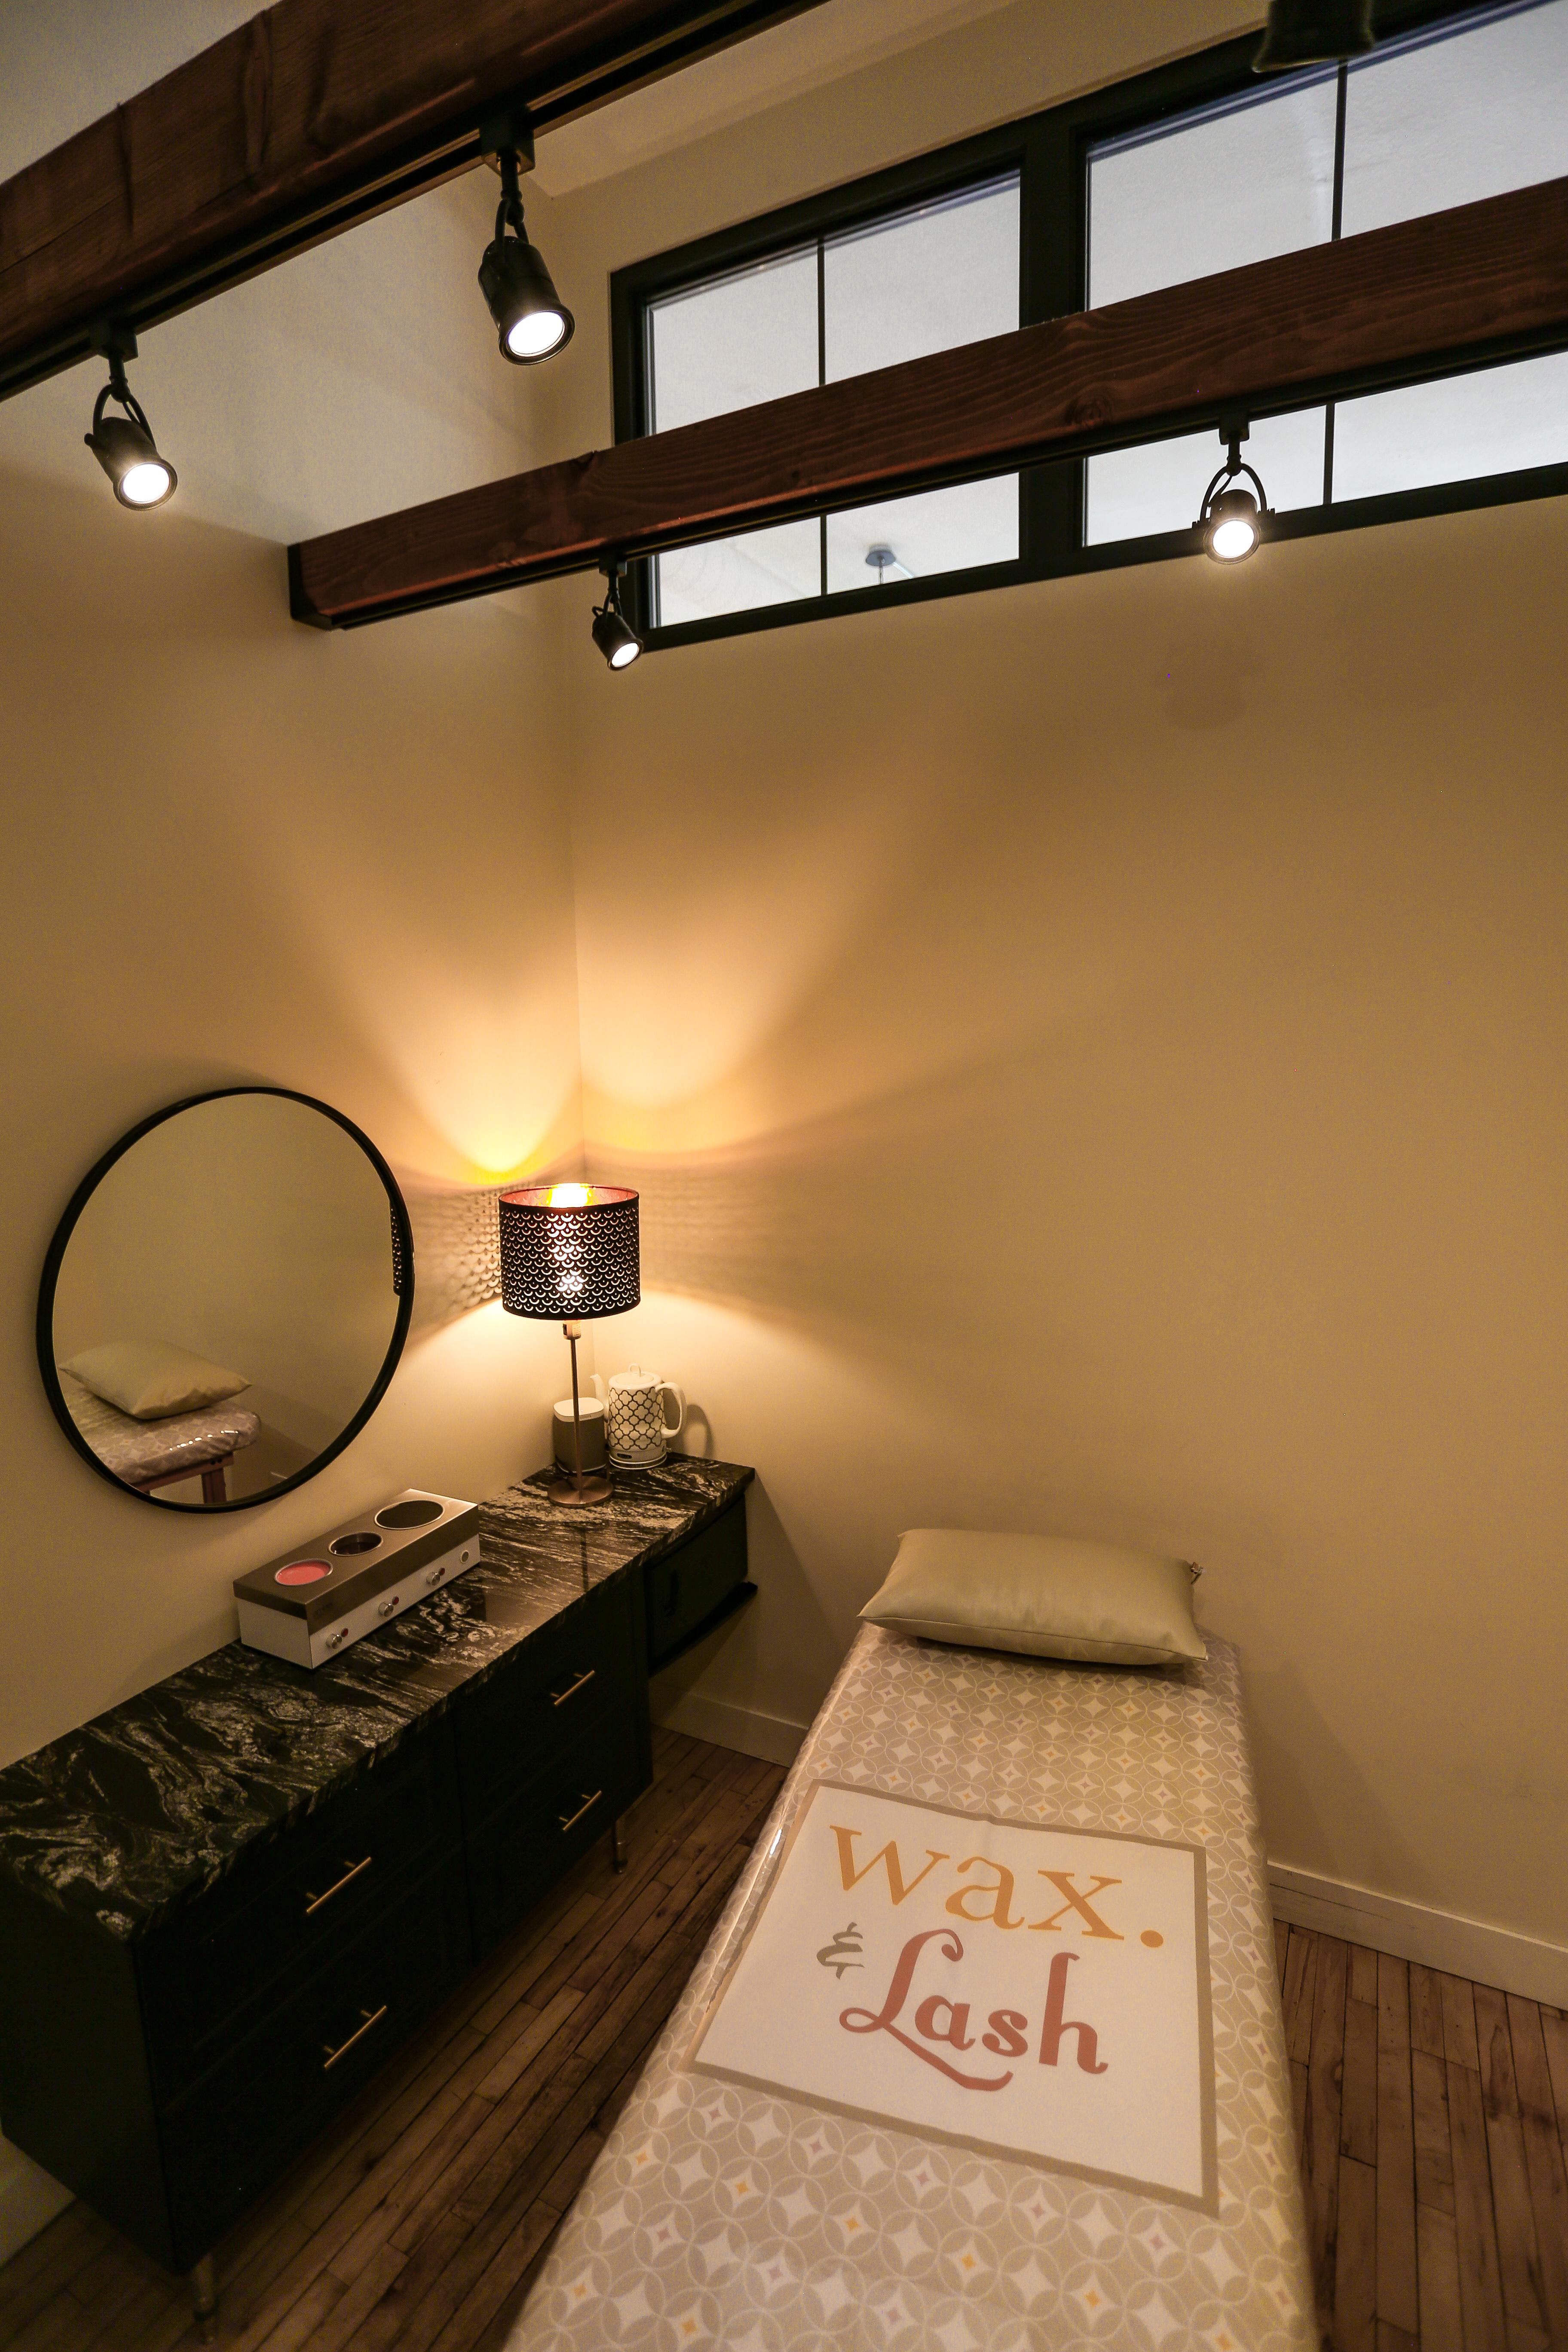 waxlashtreatmentroom